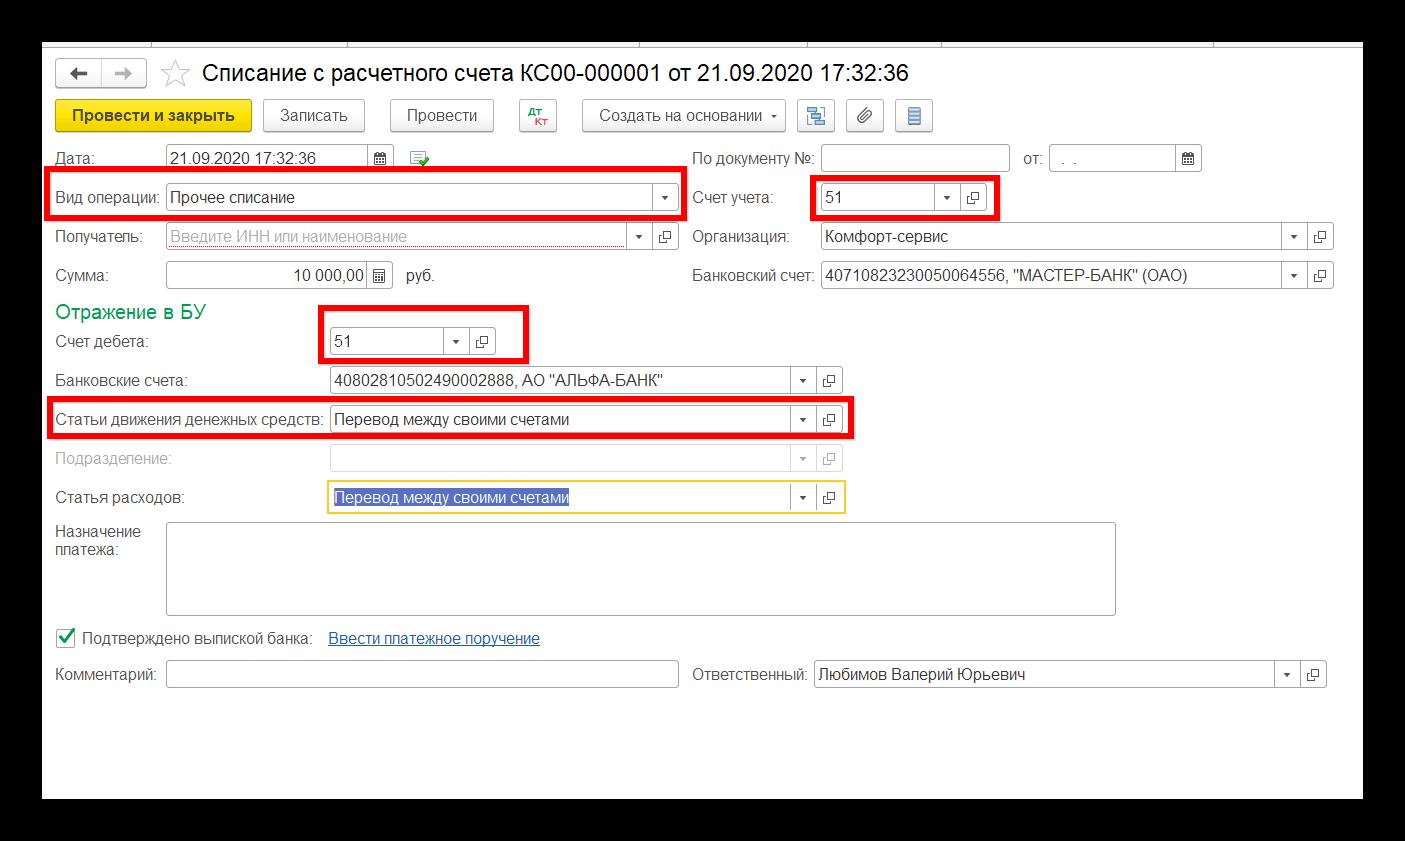 Списание с расчетного счета в 1С:Бухгалтерия, редакция 3.0